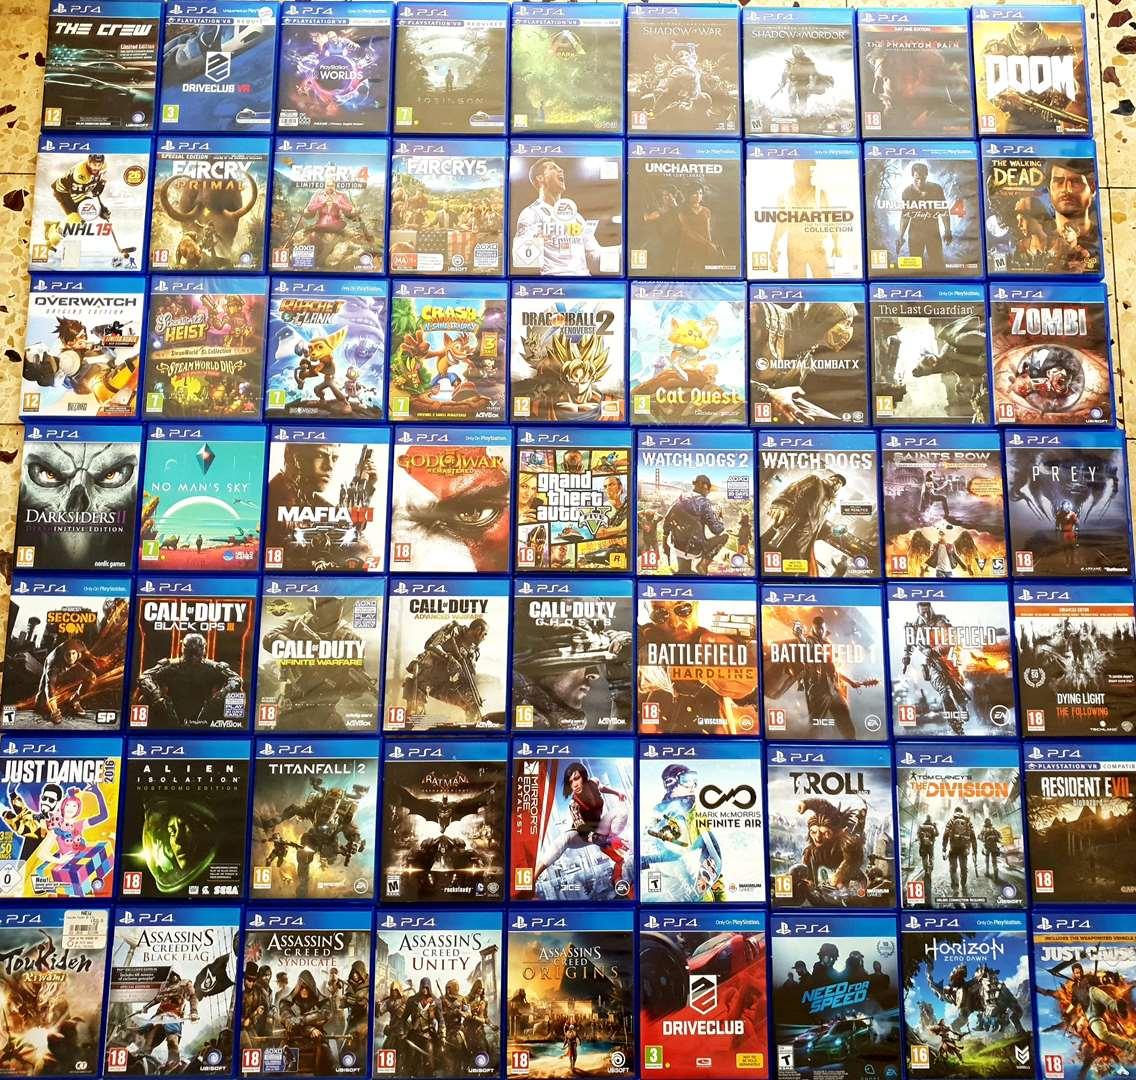 משחקים וקונסולות - משחקים